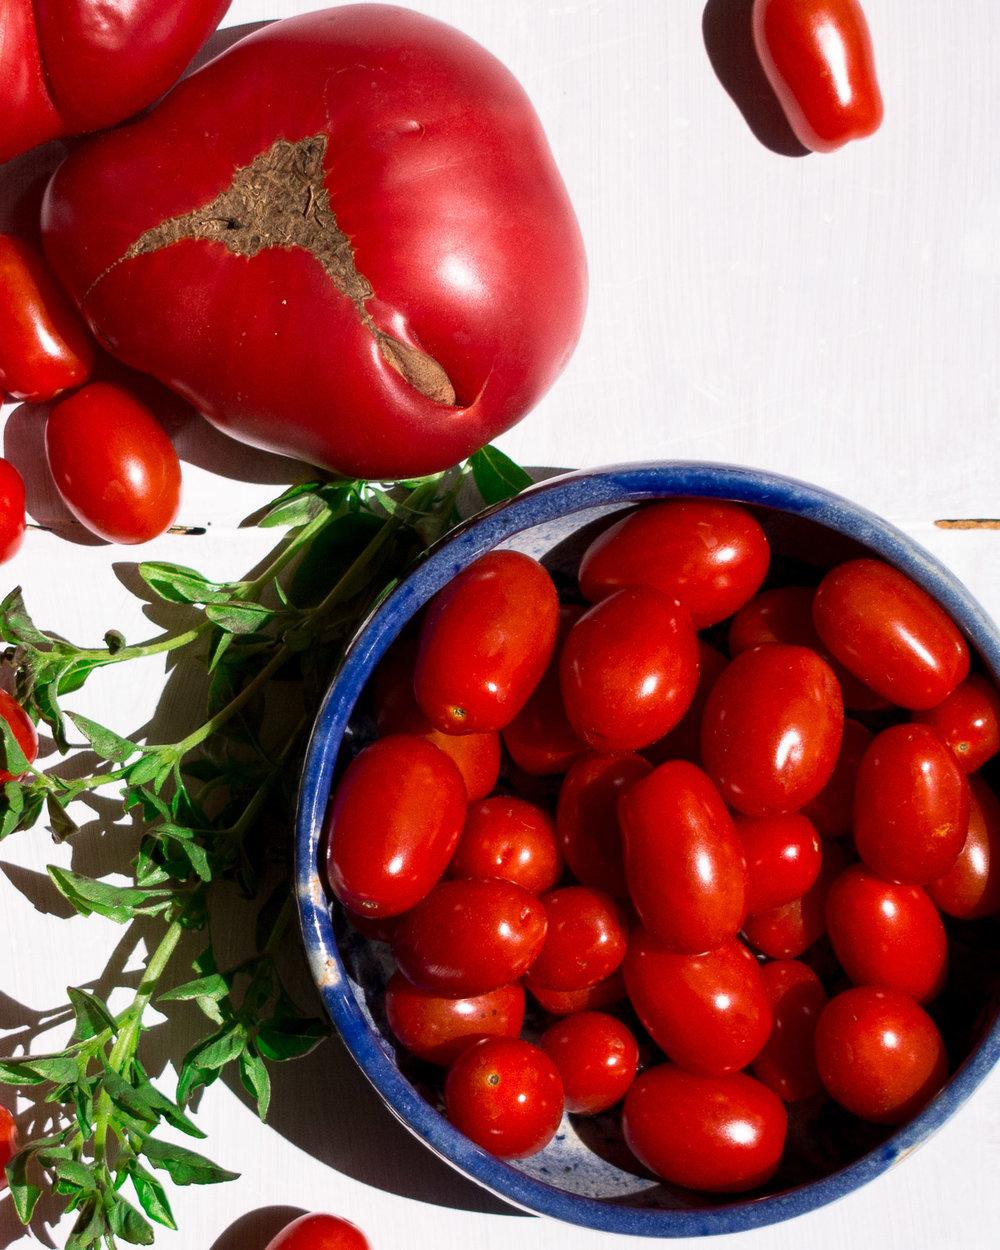 Cherry tomatoes and fresh basil. Yum!